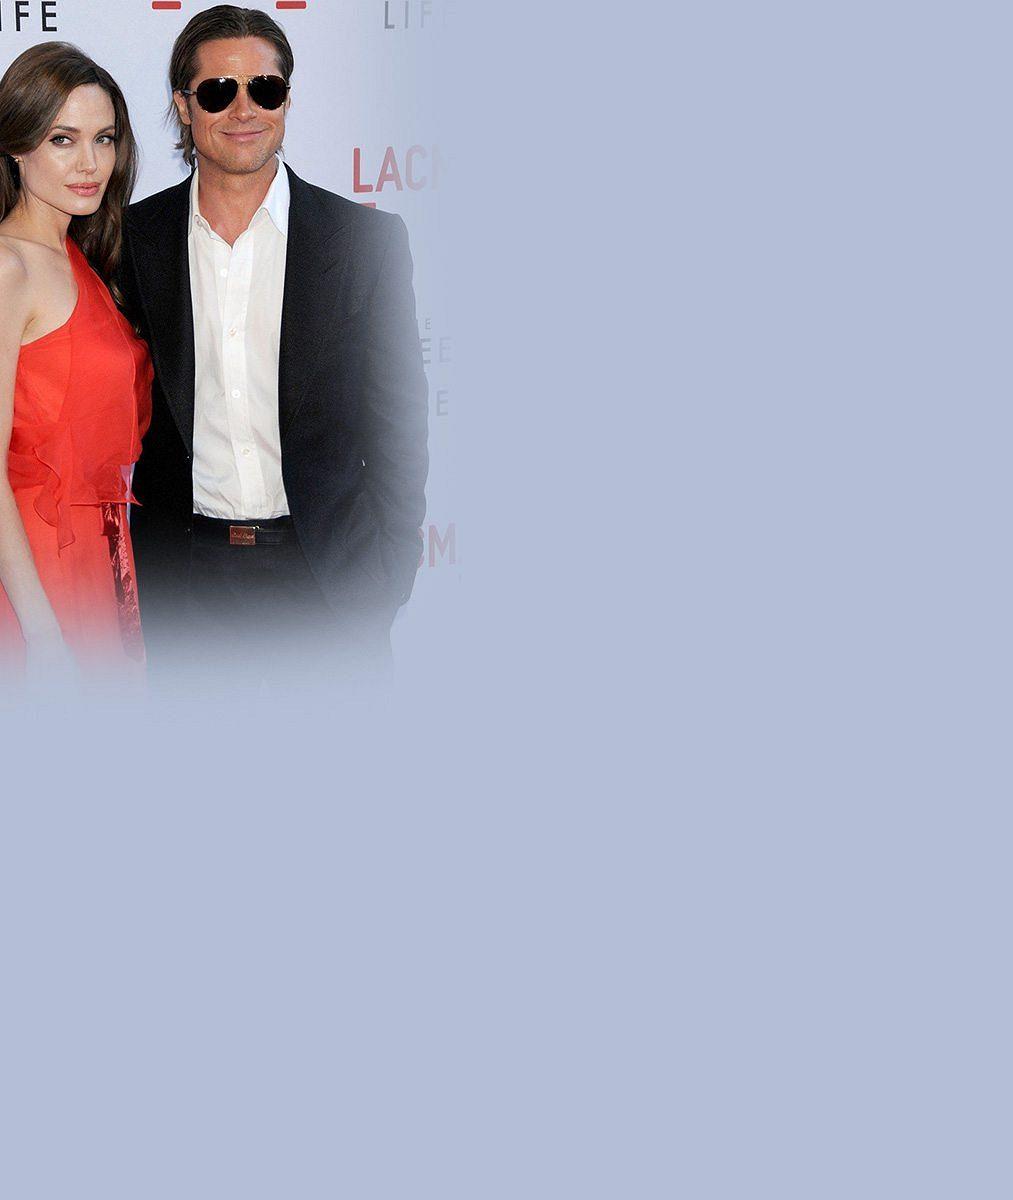 Takhle jsme ji od rozchodu s Bradem Pittem neviděli: Angelina Jolie má konečně pořádný důvod k úsměvu